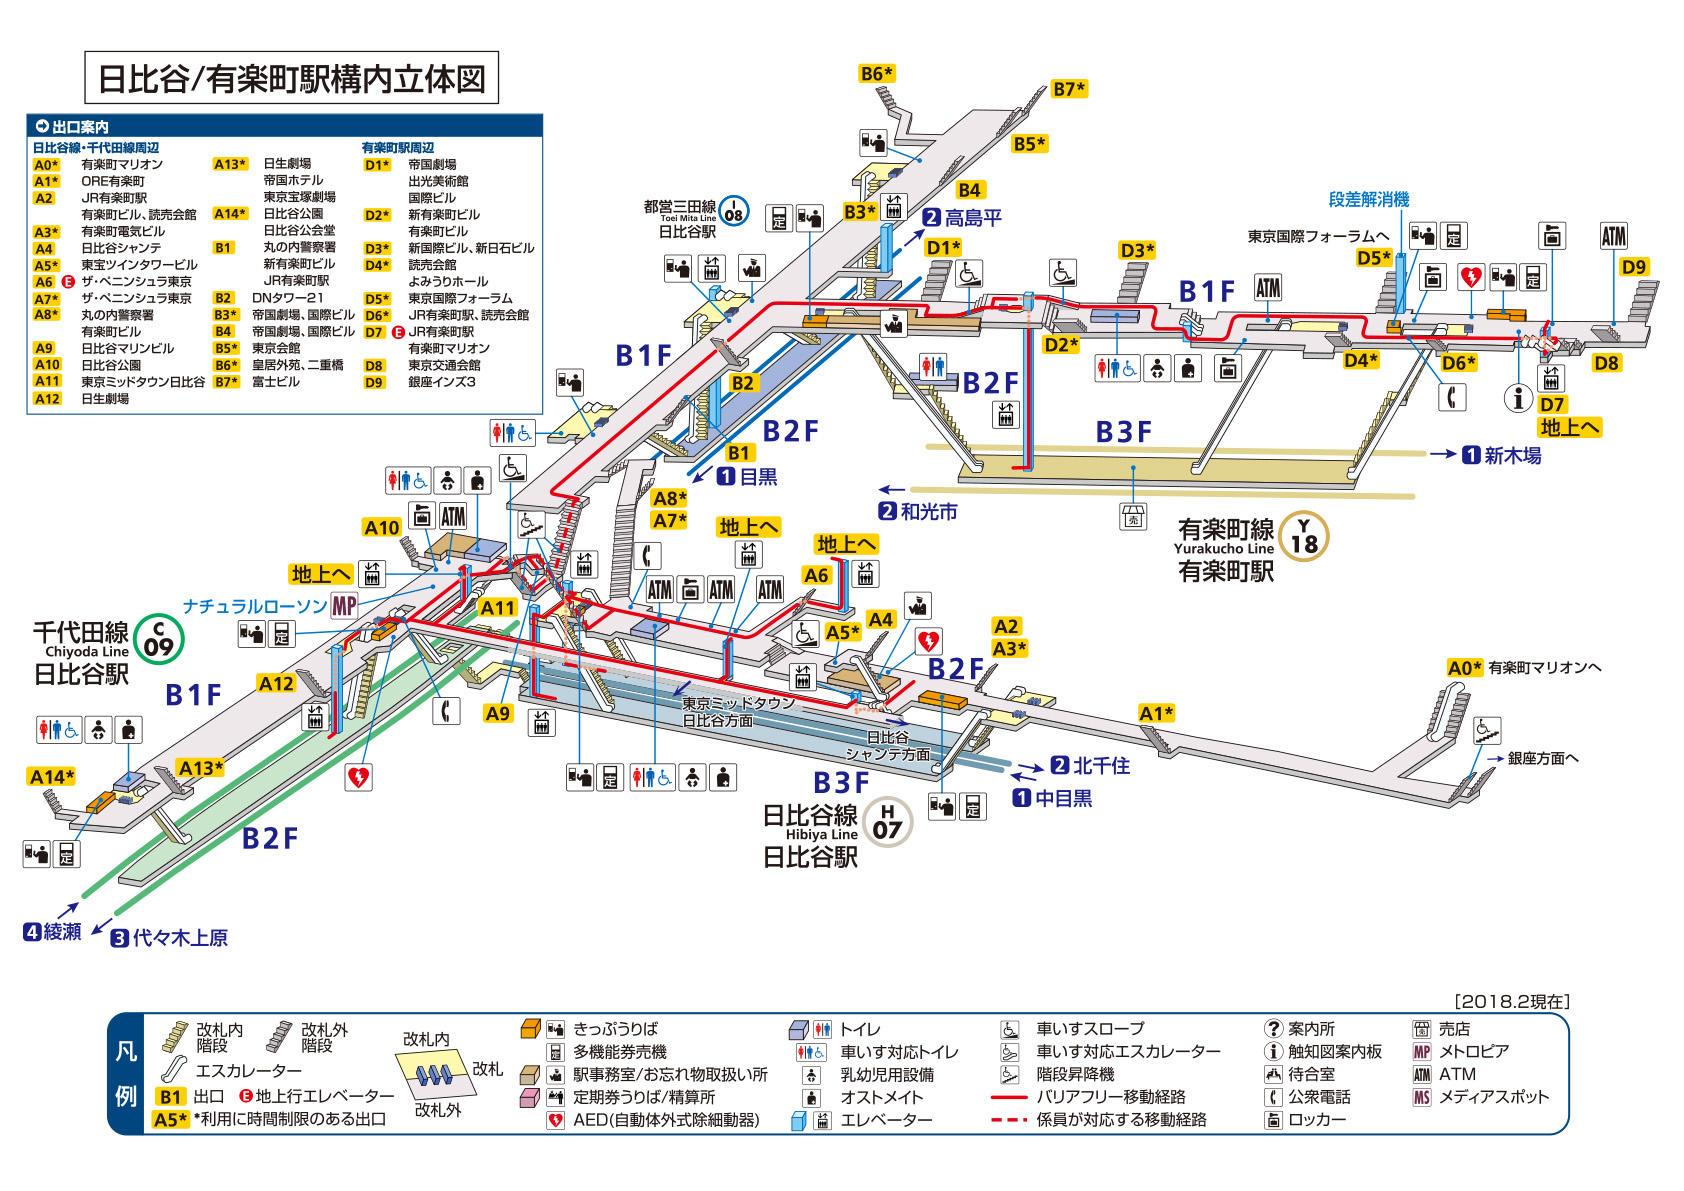 池袋駅/M25/Y09/F09 | 路線・駅の情報 | 東京 ...